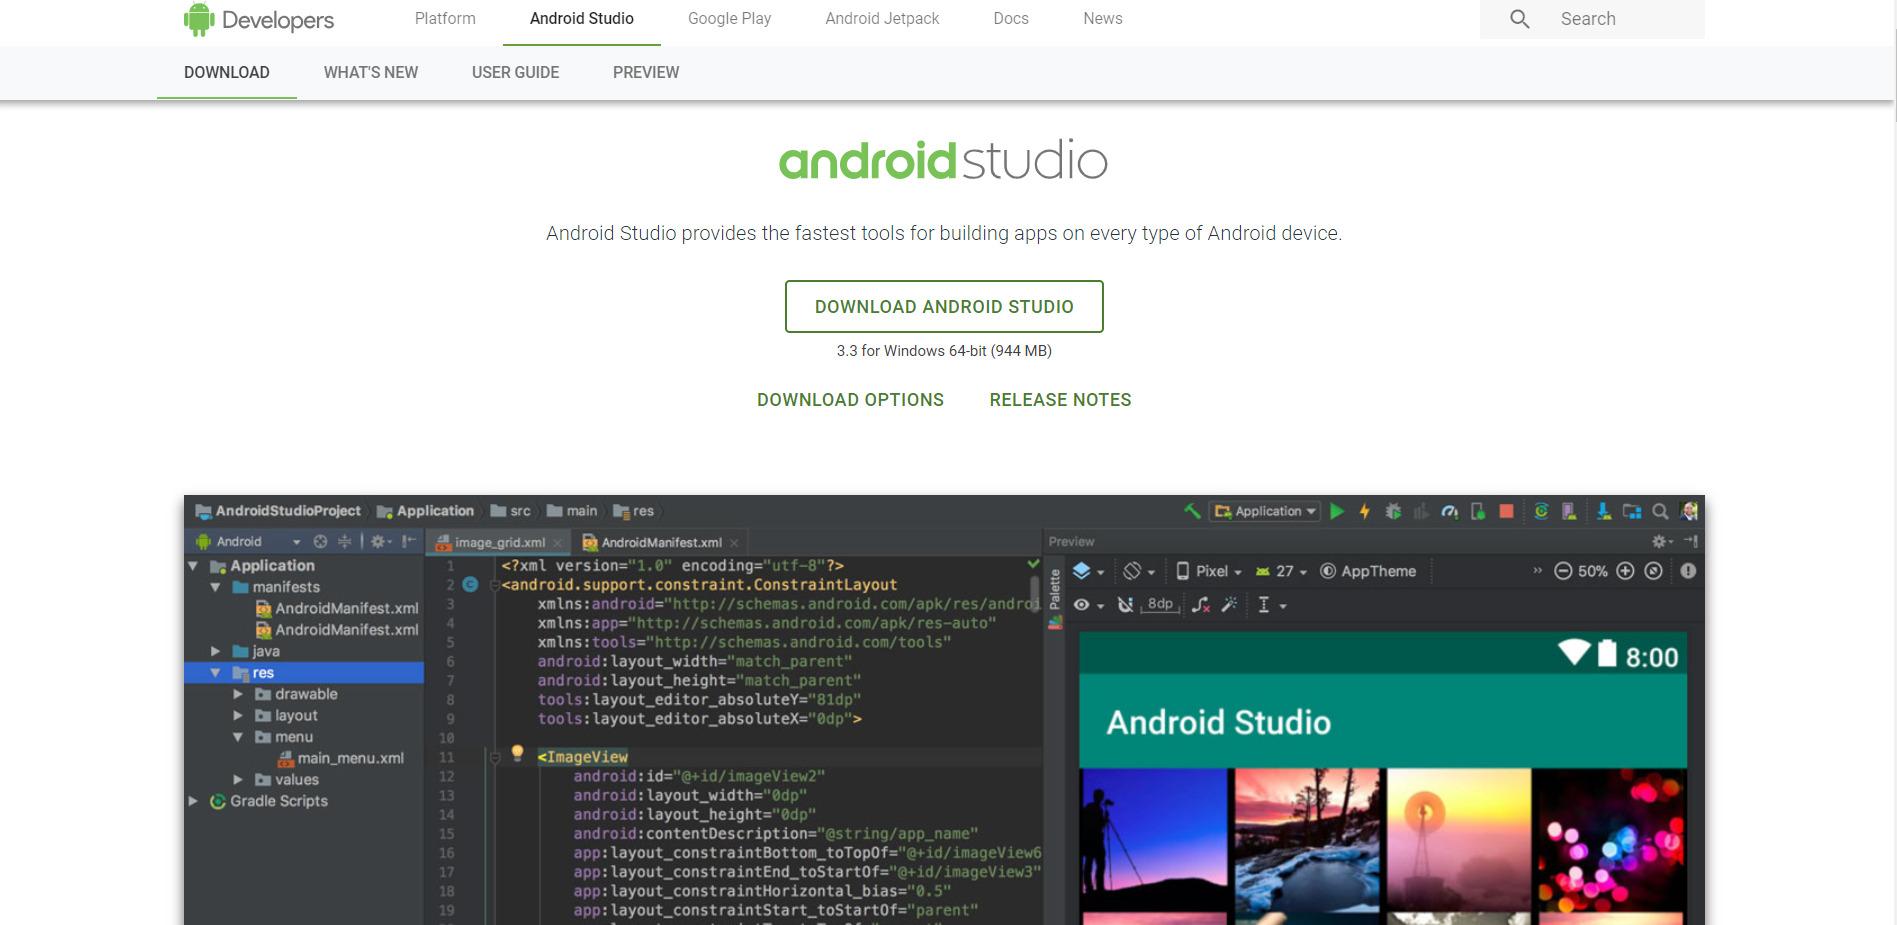 Android Studio 3.3